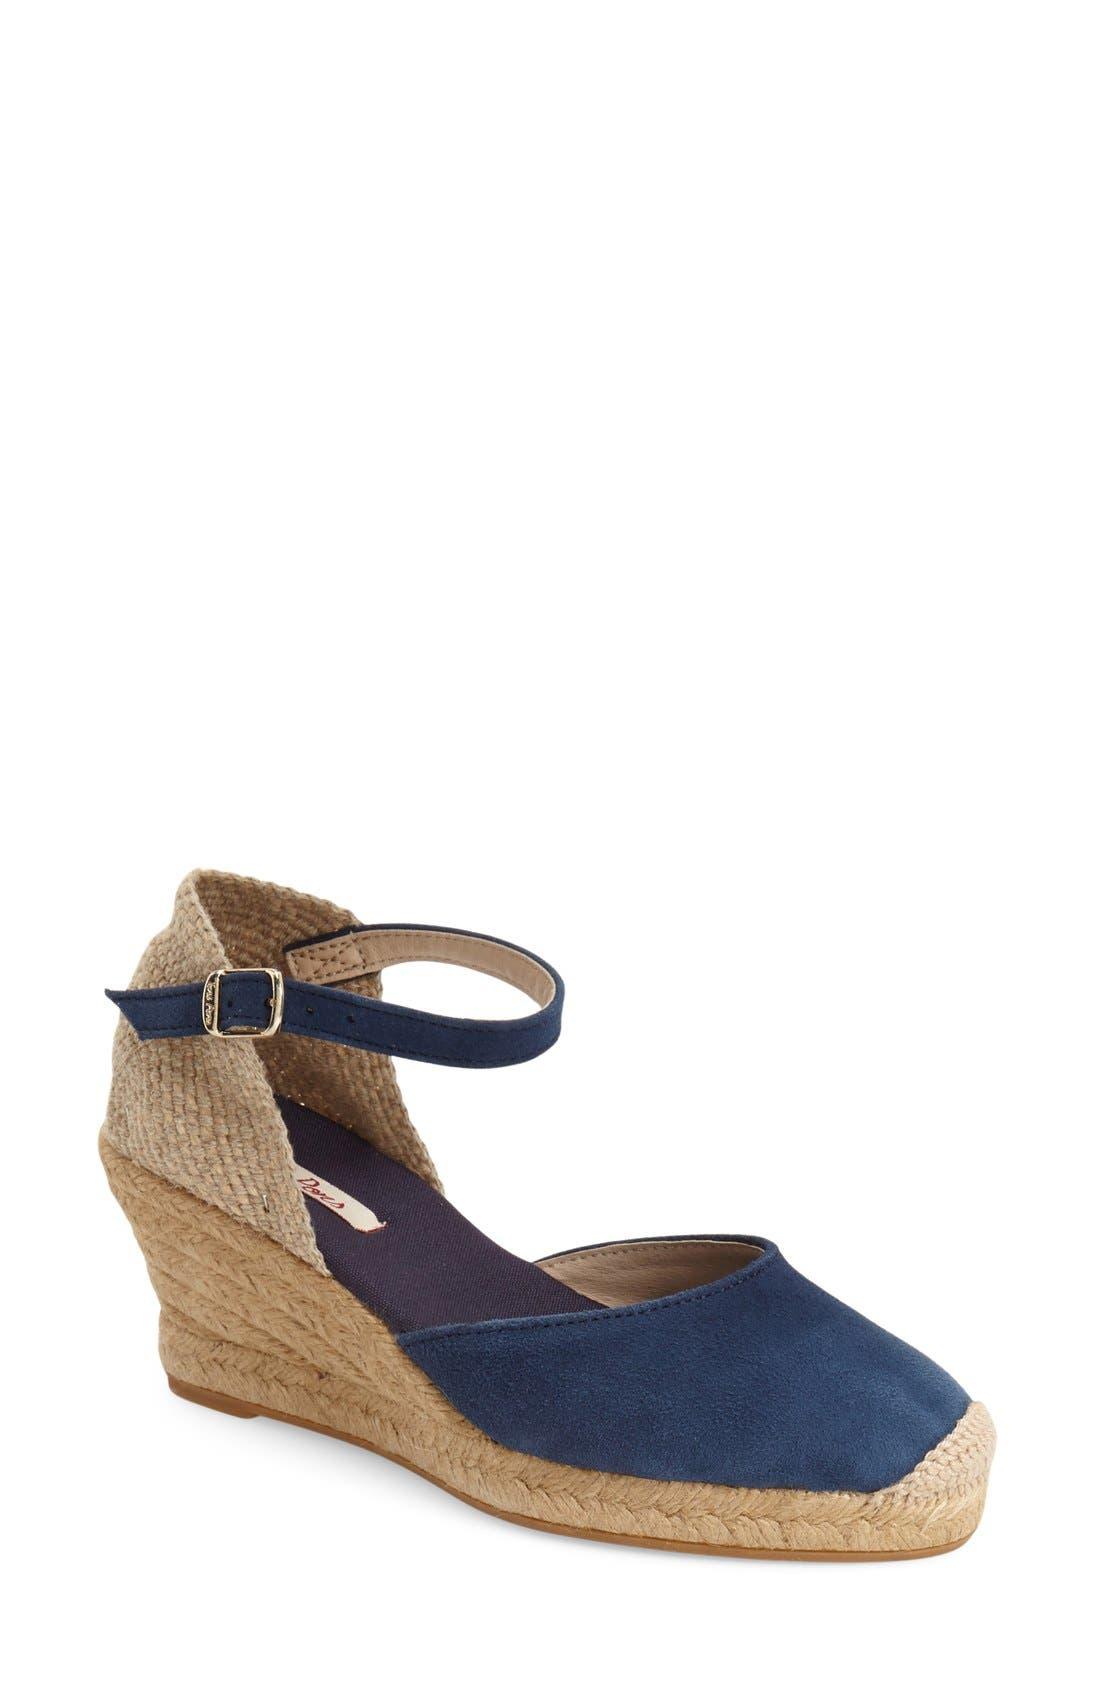 'Lloret-5' Espadrille Wedge Sandal,                             Main thumbnail 1, color,                             NAVY SUEDE